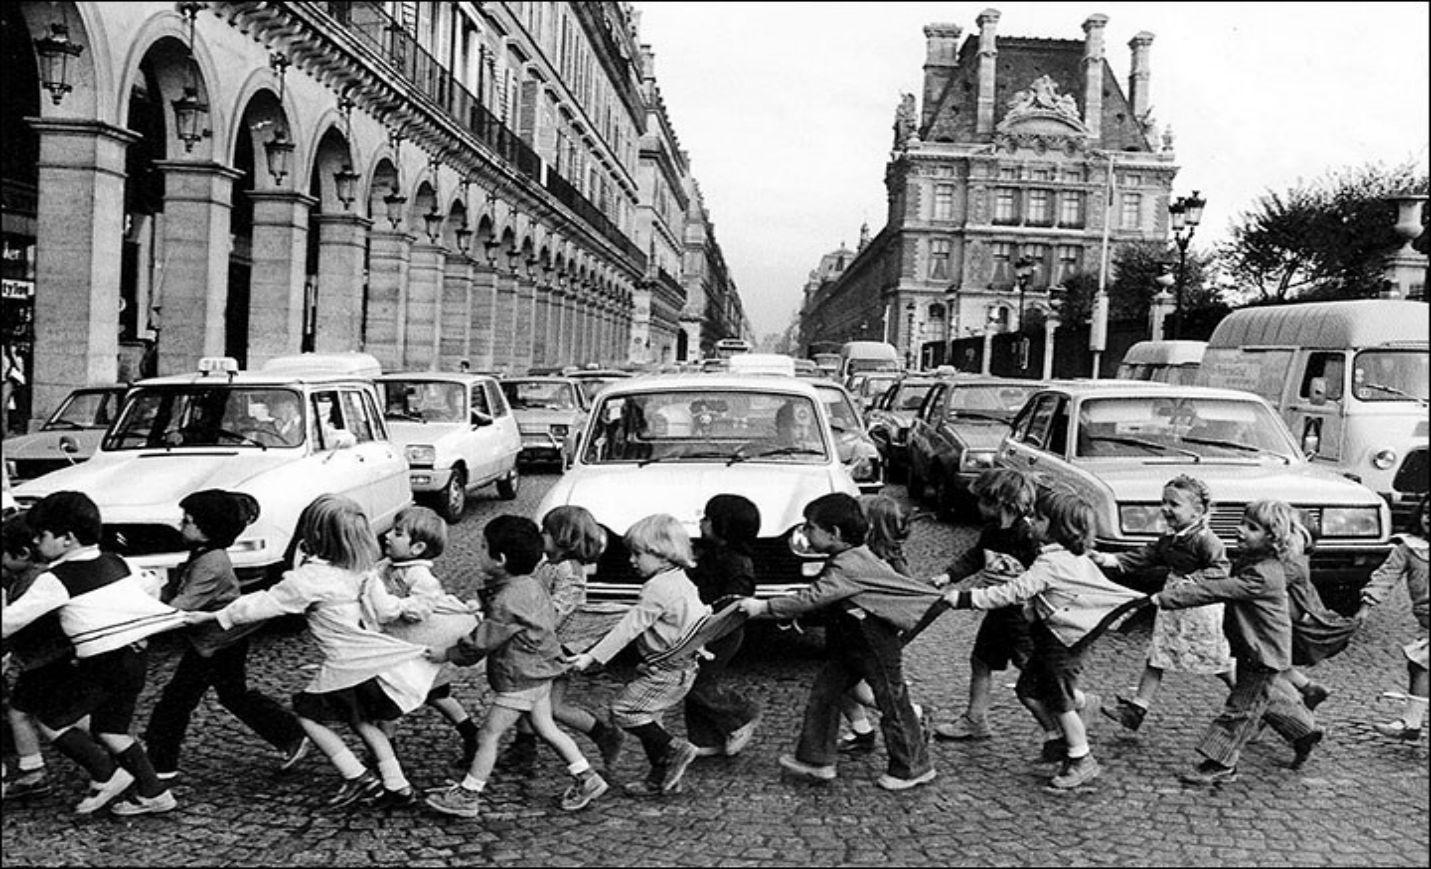 robert_doisneau__les_tabliers_de_la_rue_de_rivoli_1978